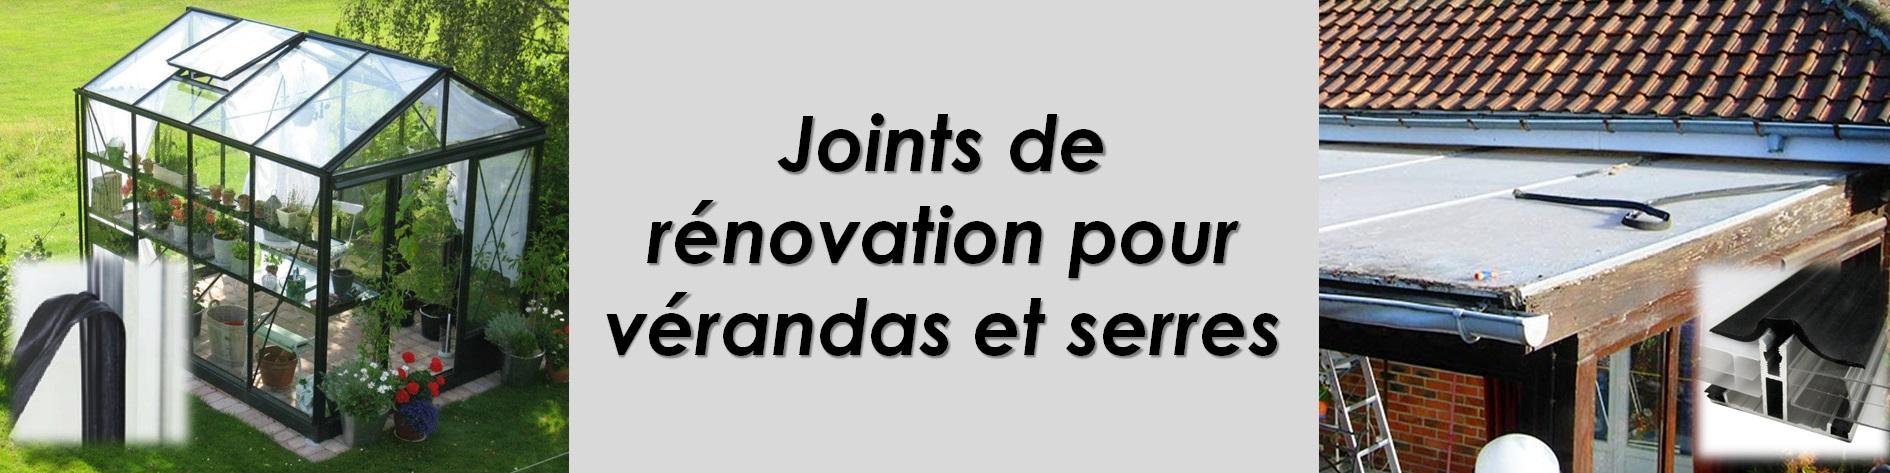 Joint de rénovation pour vérandas et serres